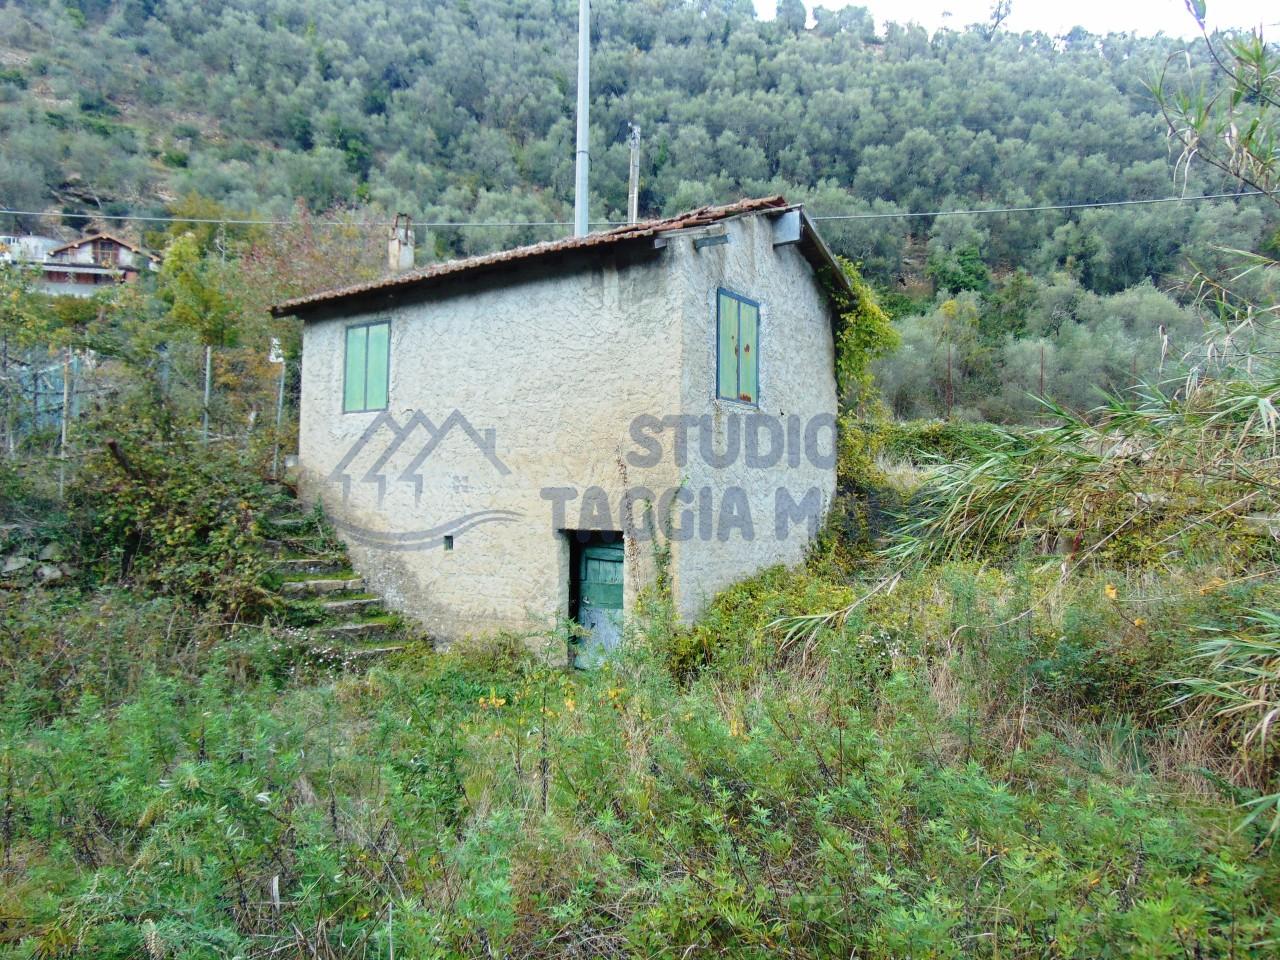 Soluzione Indipendente in vendita a Badalucco, 2 locali, prezzo € 24.000 | Cambio Casa.it